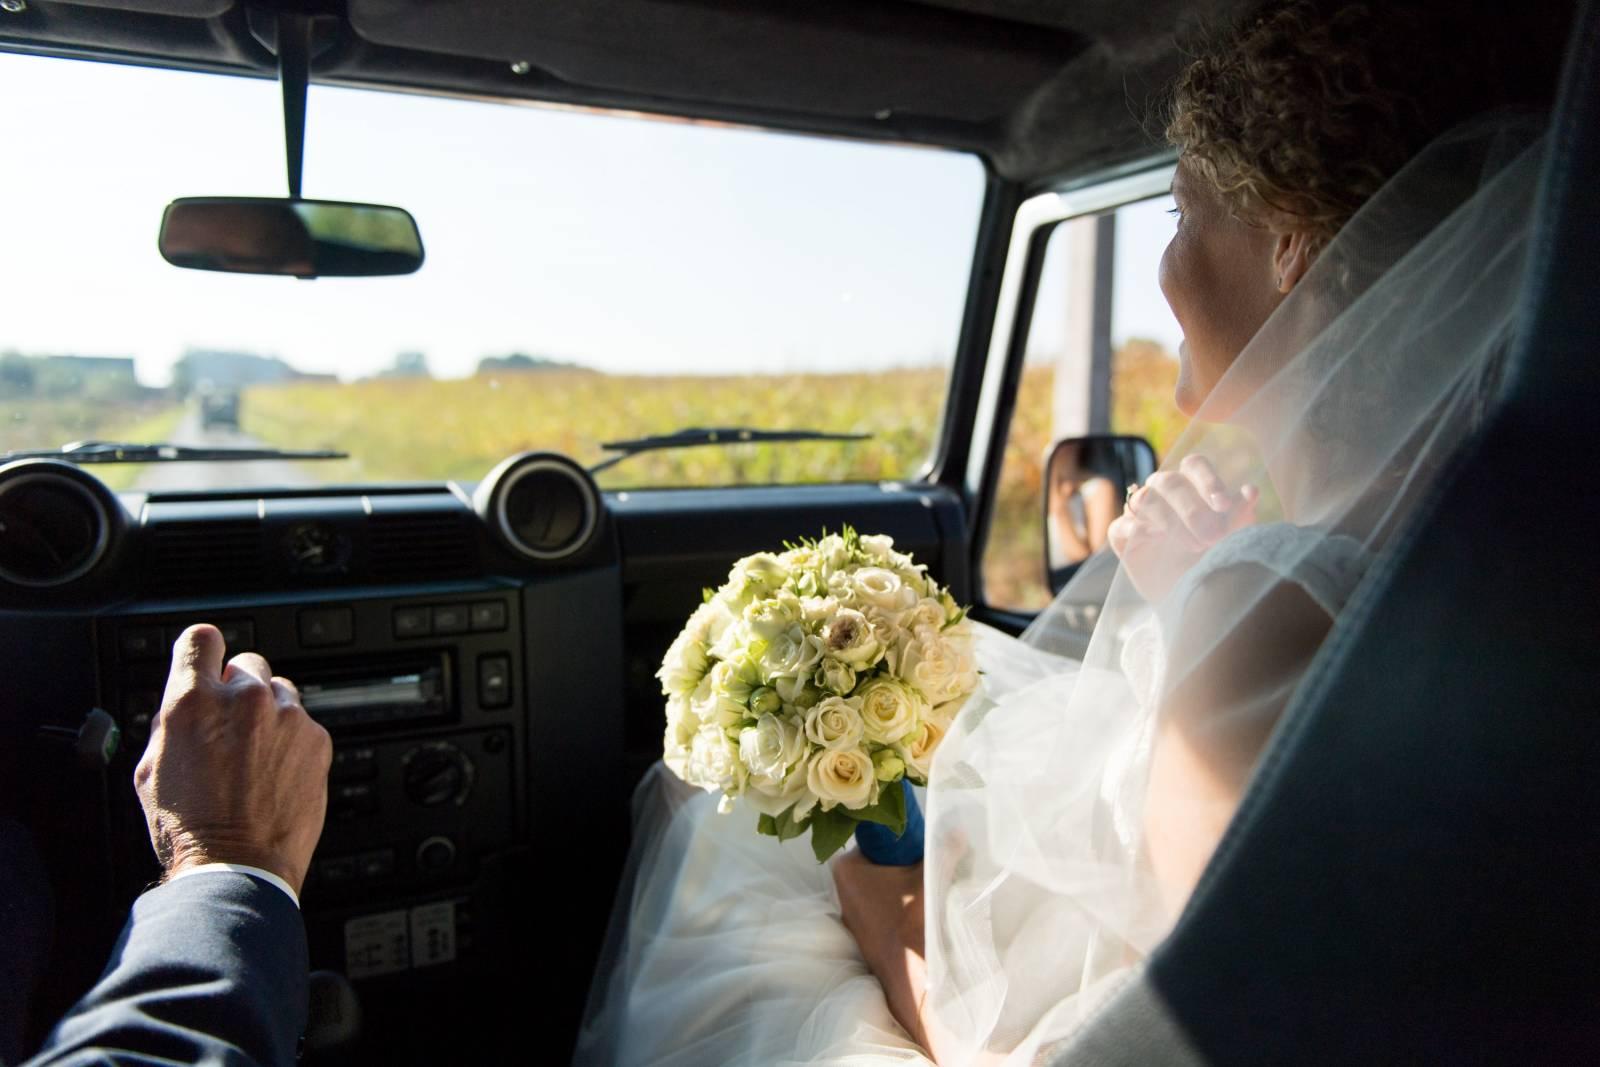 Chou Fleur - Bloemist - Fotograaf Studiovision Fotografie LiesbethDavid - House of Weddings (15) (Aangepast)